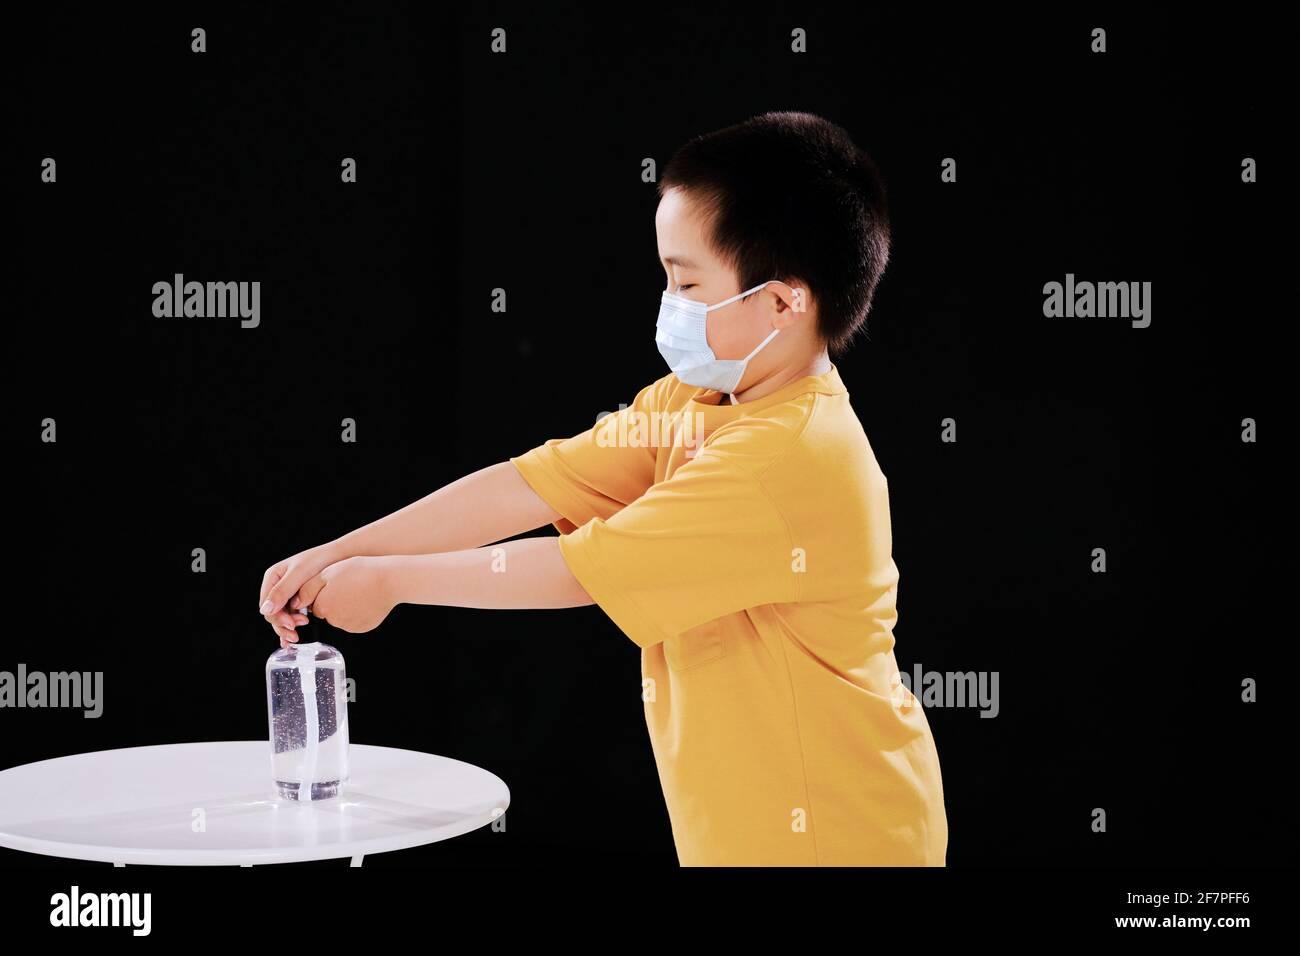 Un petit garçon avec un masque utilise un désinfectant pour les mains Banque D'Images